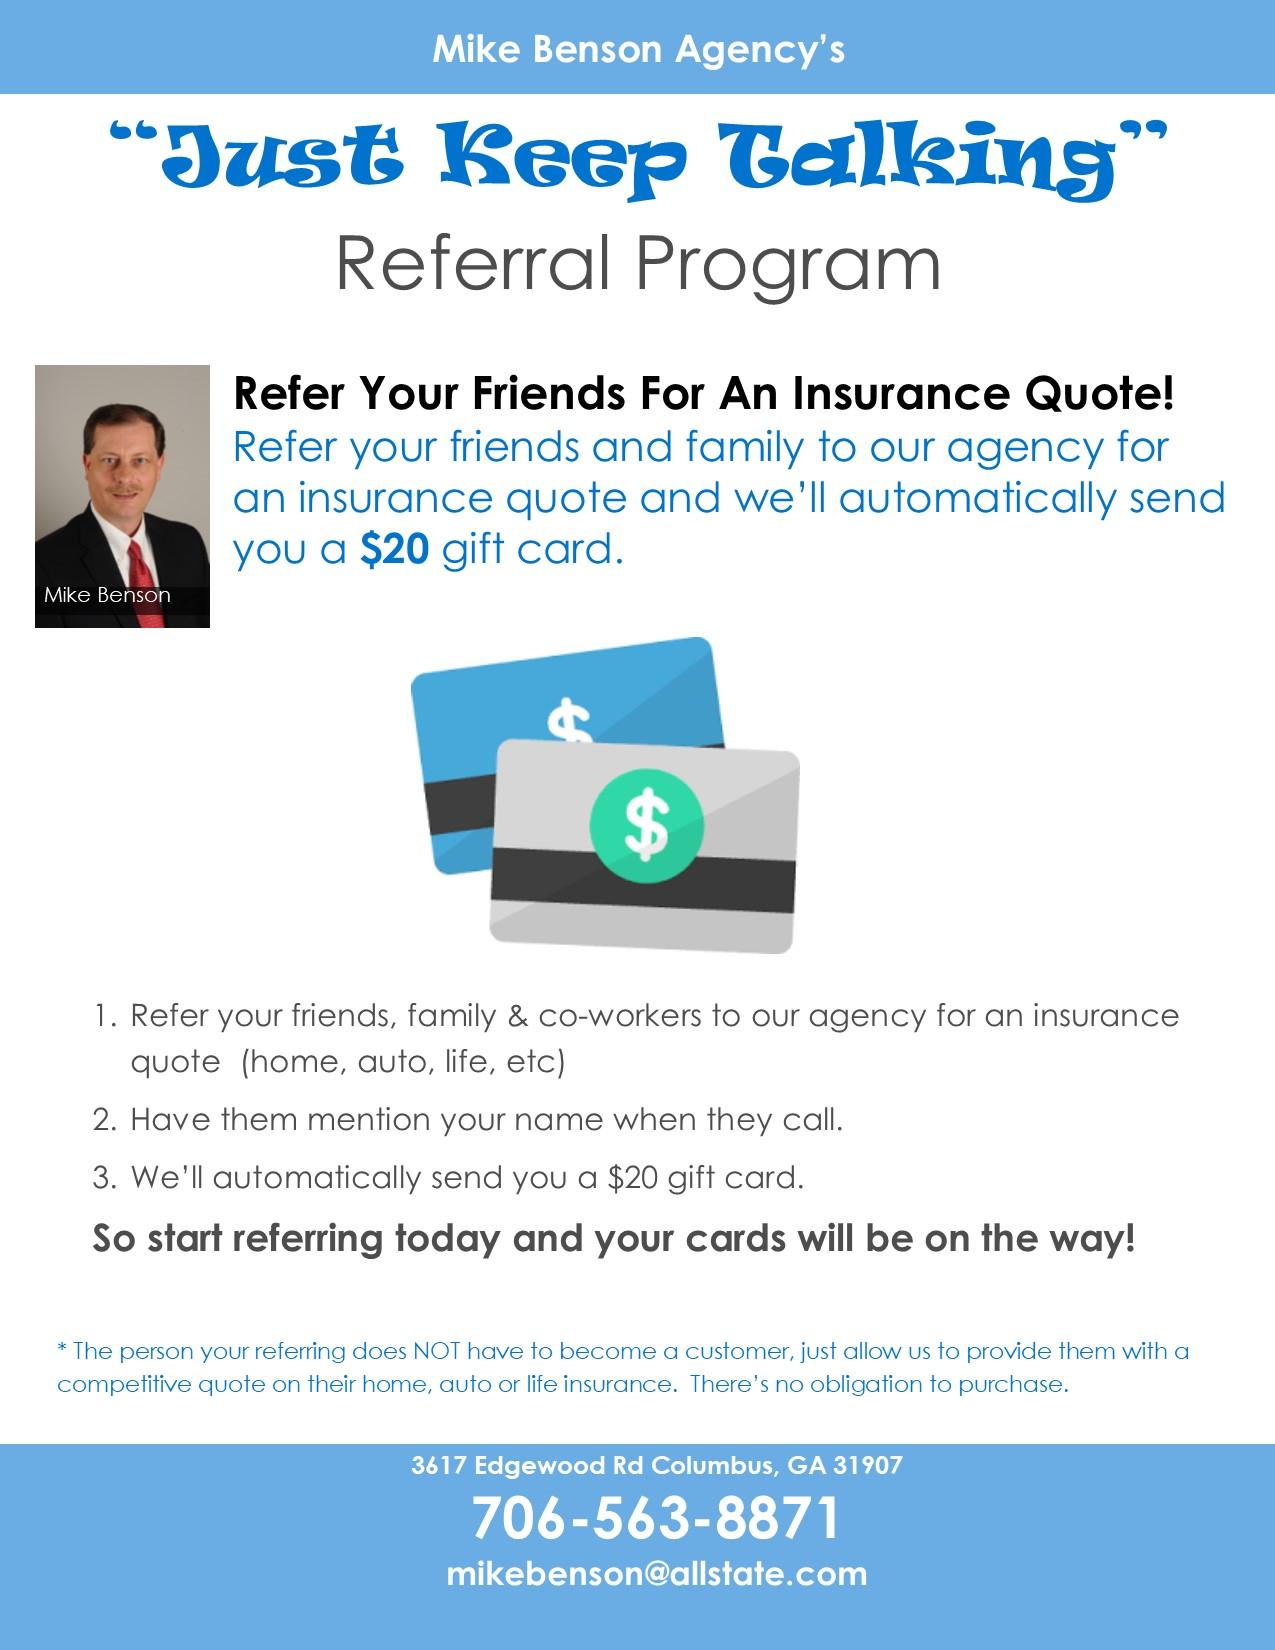 Mike Benson: Allstate Insurance image 4